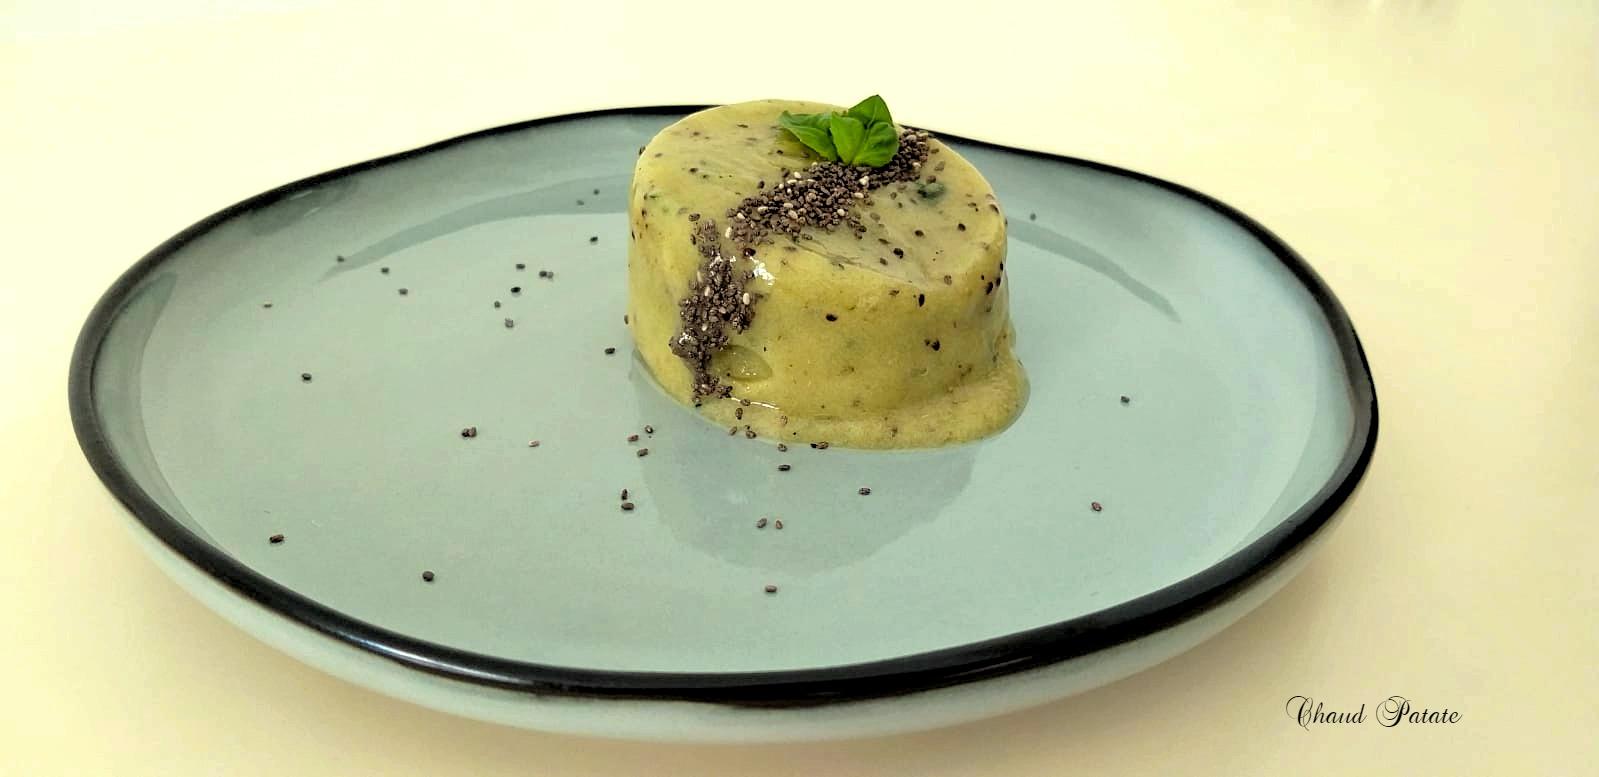 baniwi chaud patate 6